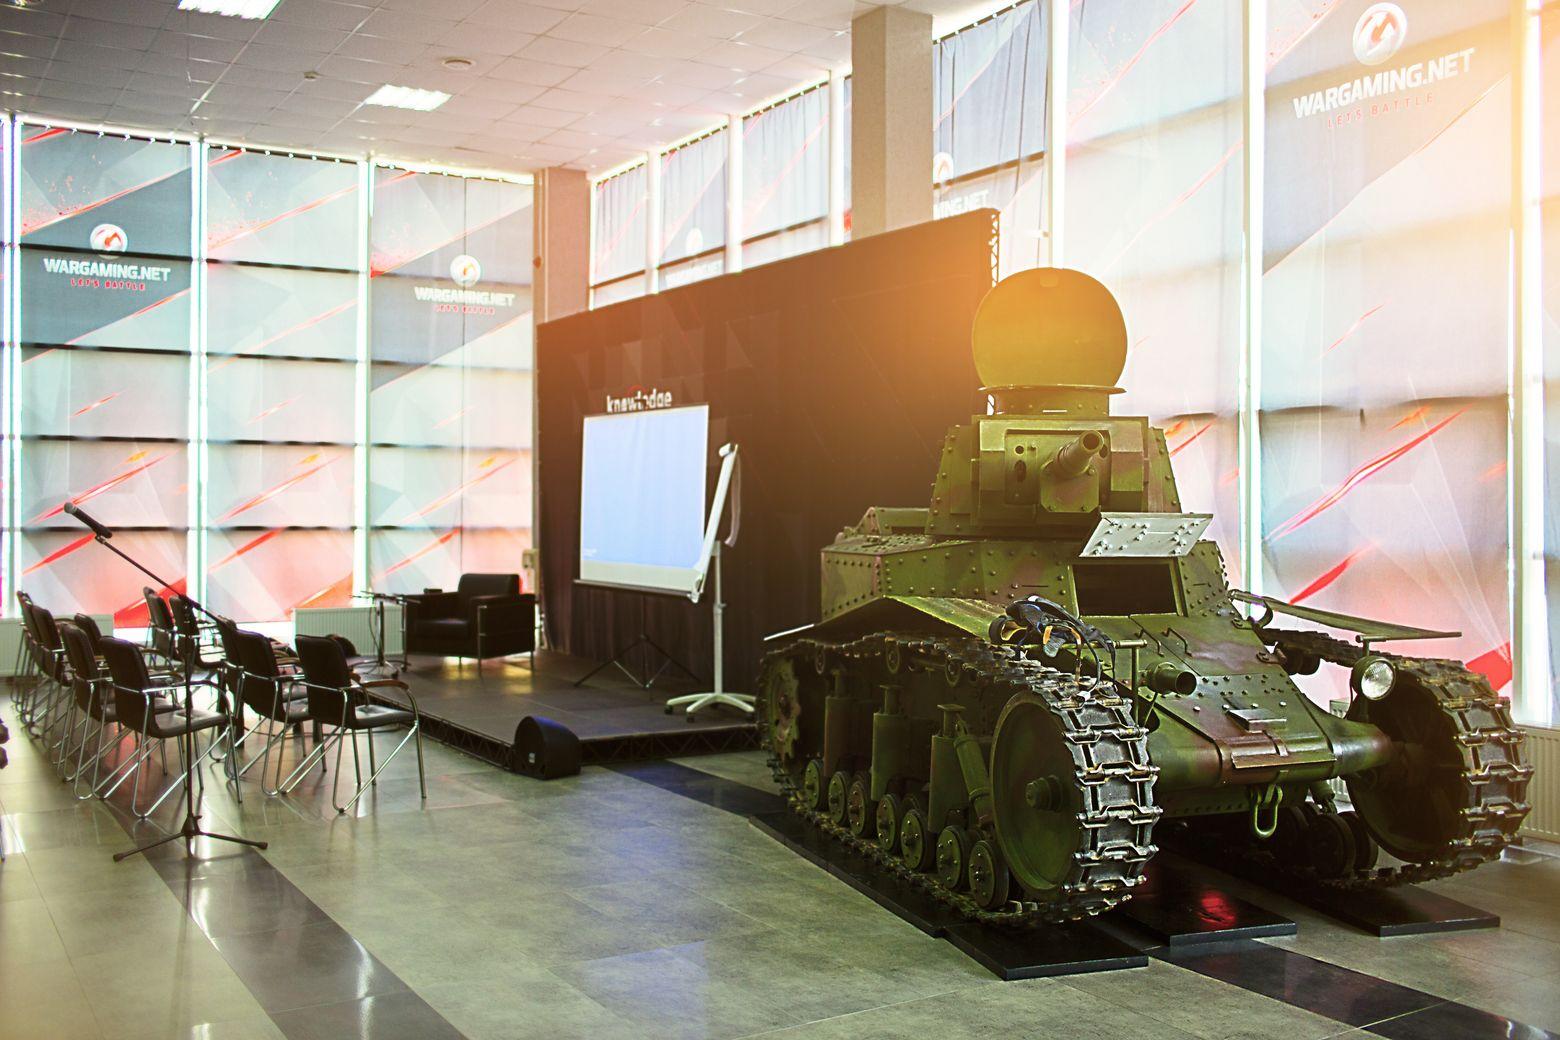 Настоящий танк в офисе Wargaming